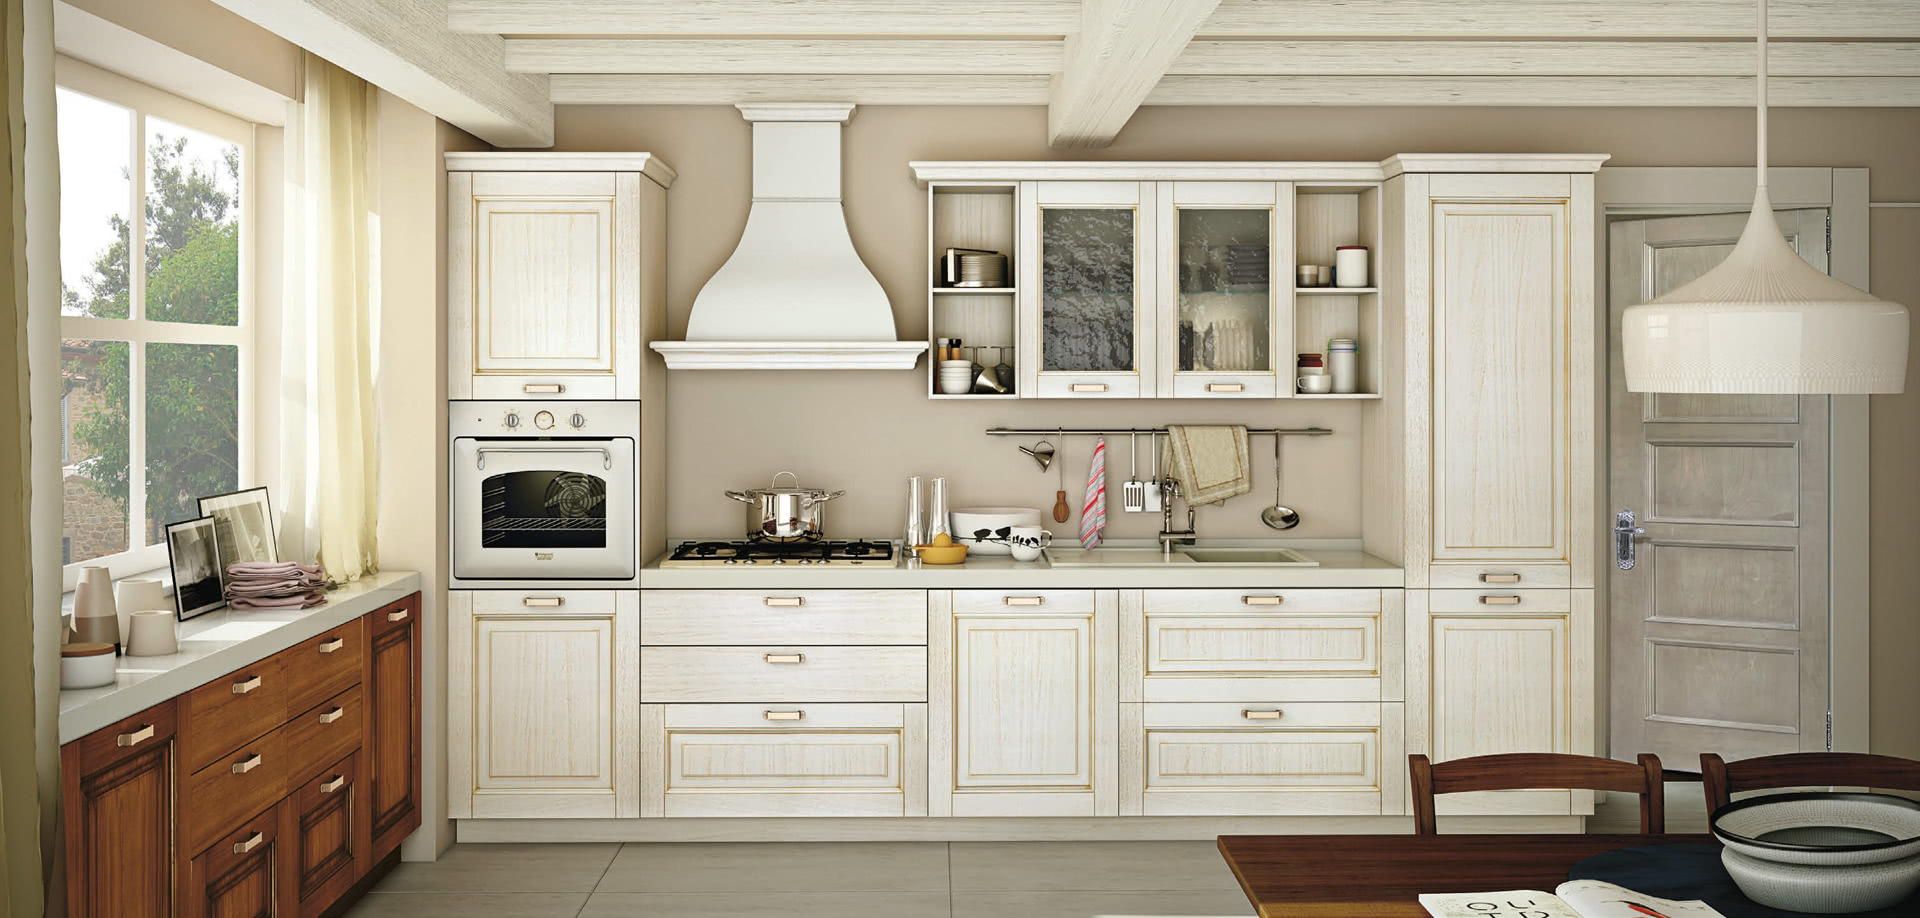 Cucina Oprah - Cucine Classiche - Creo Kitchens